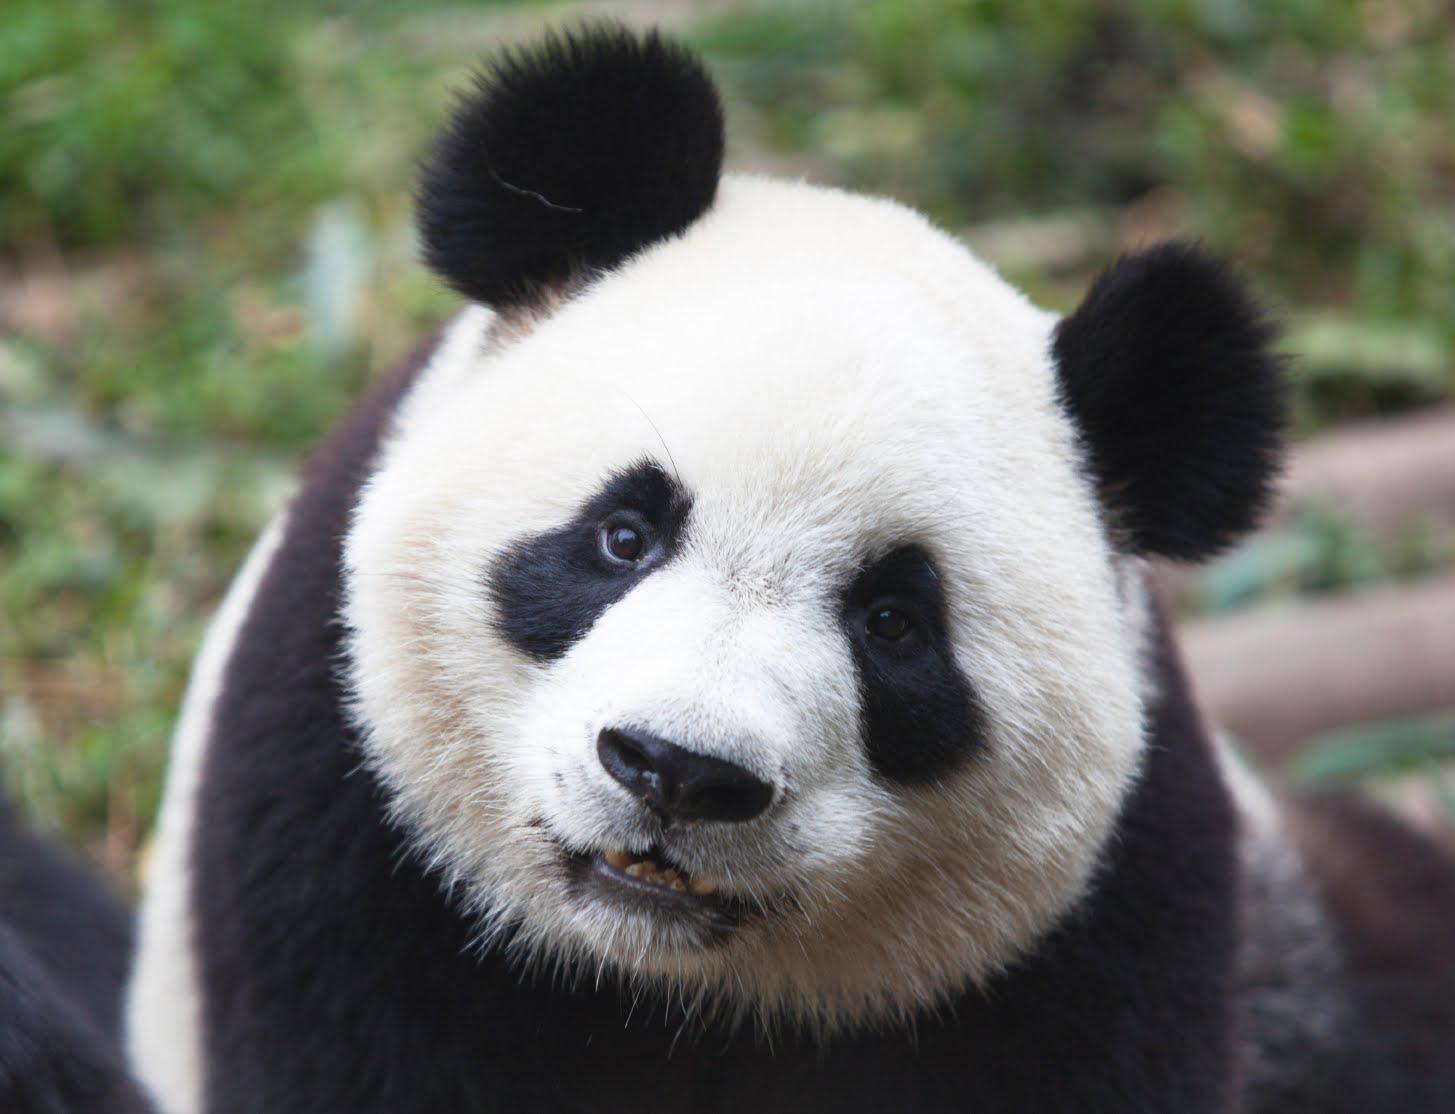 Panda #6